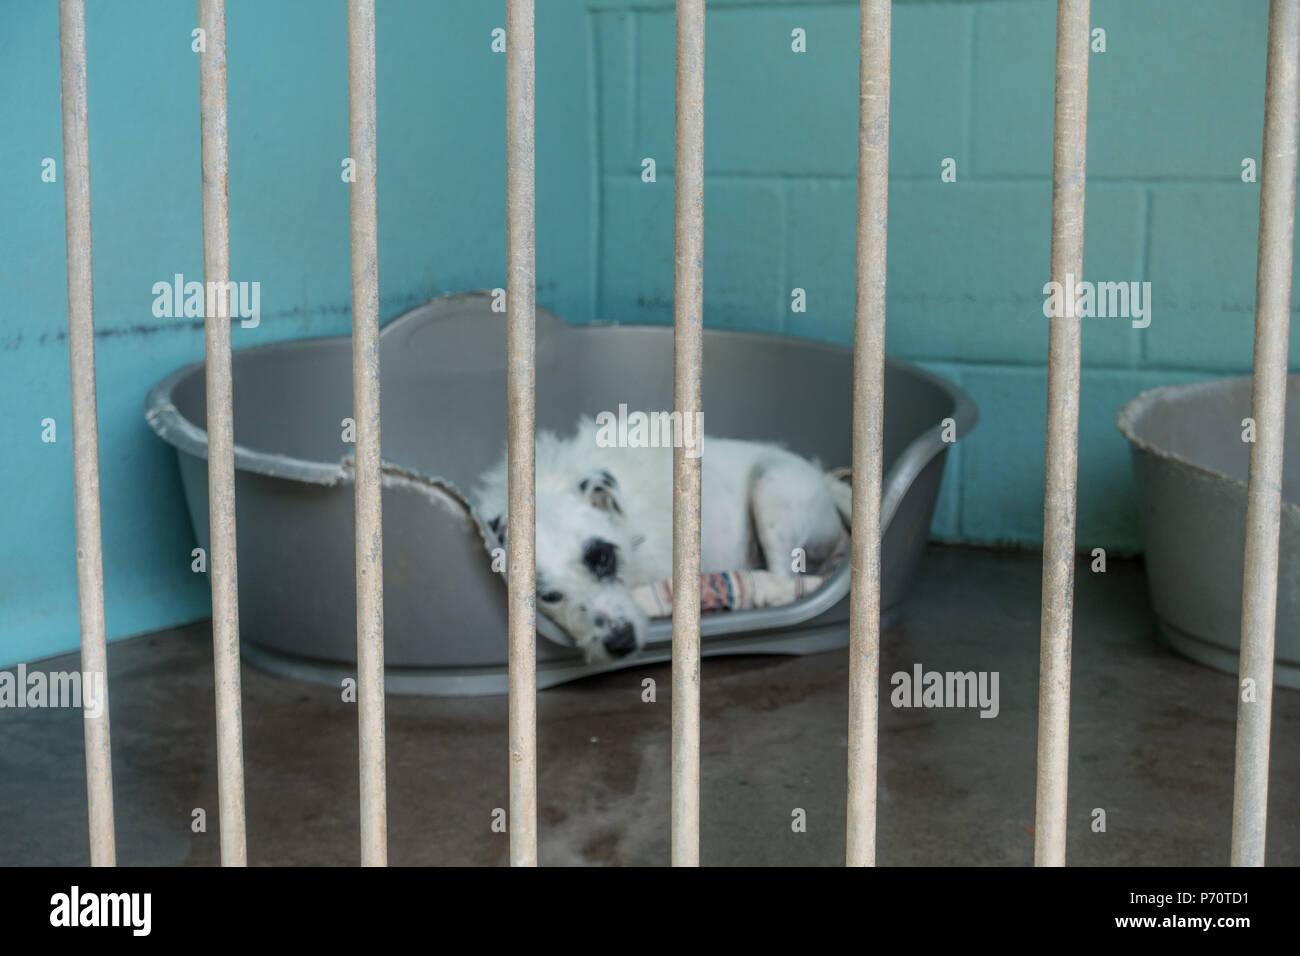 Dogs Trust adoption Kennels in Shrewsbury, Shropshire, UK, July 2018 - Stock Image